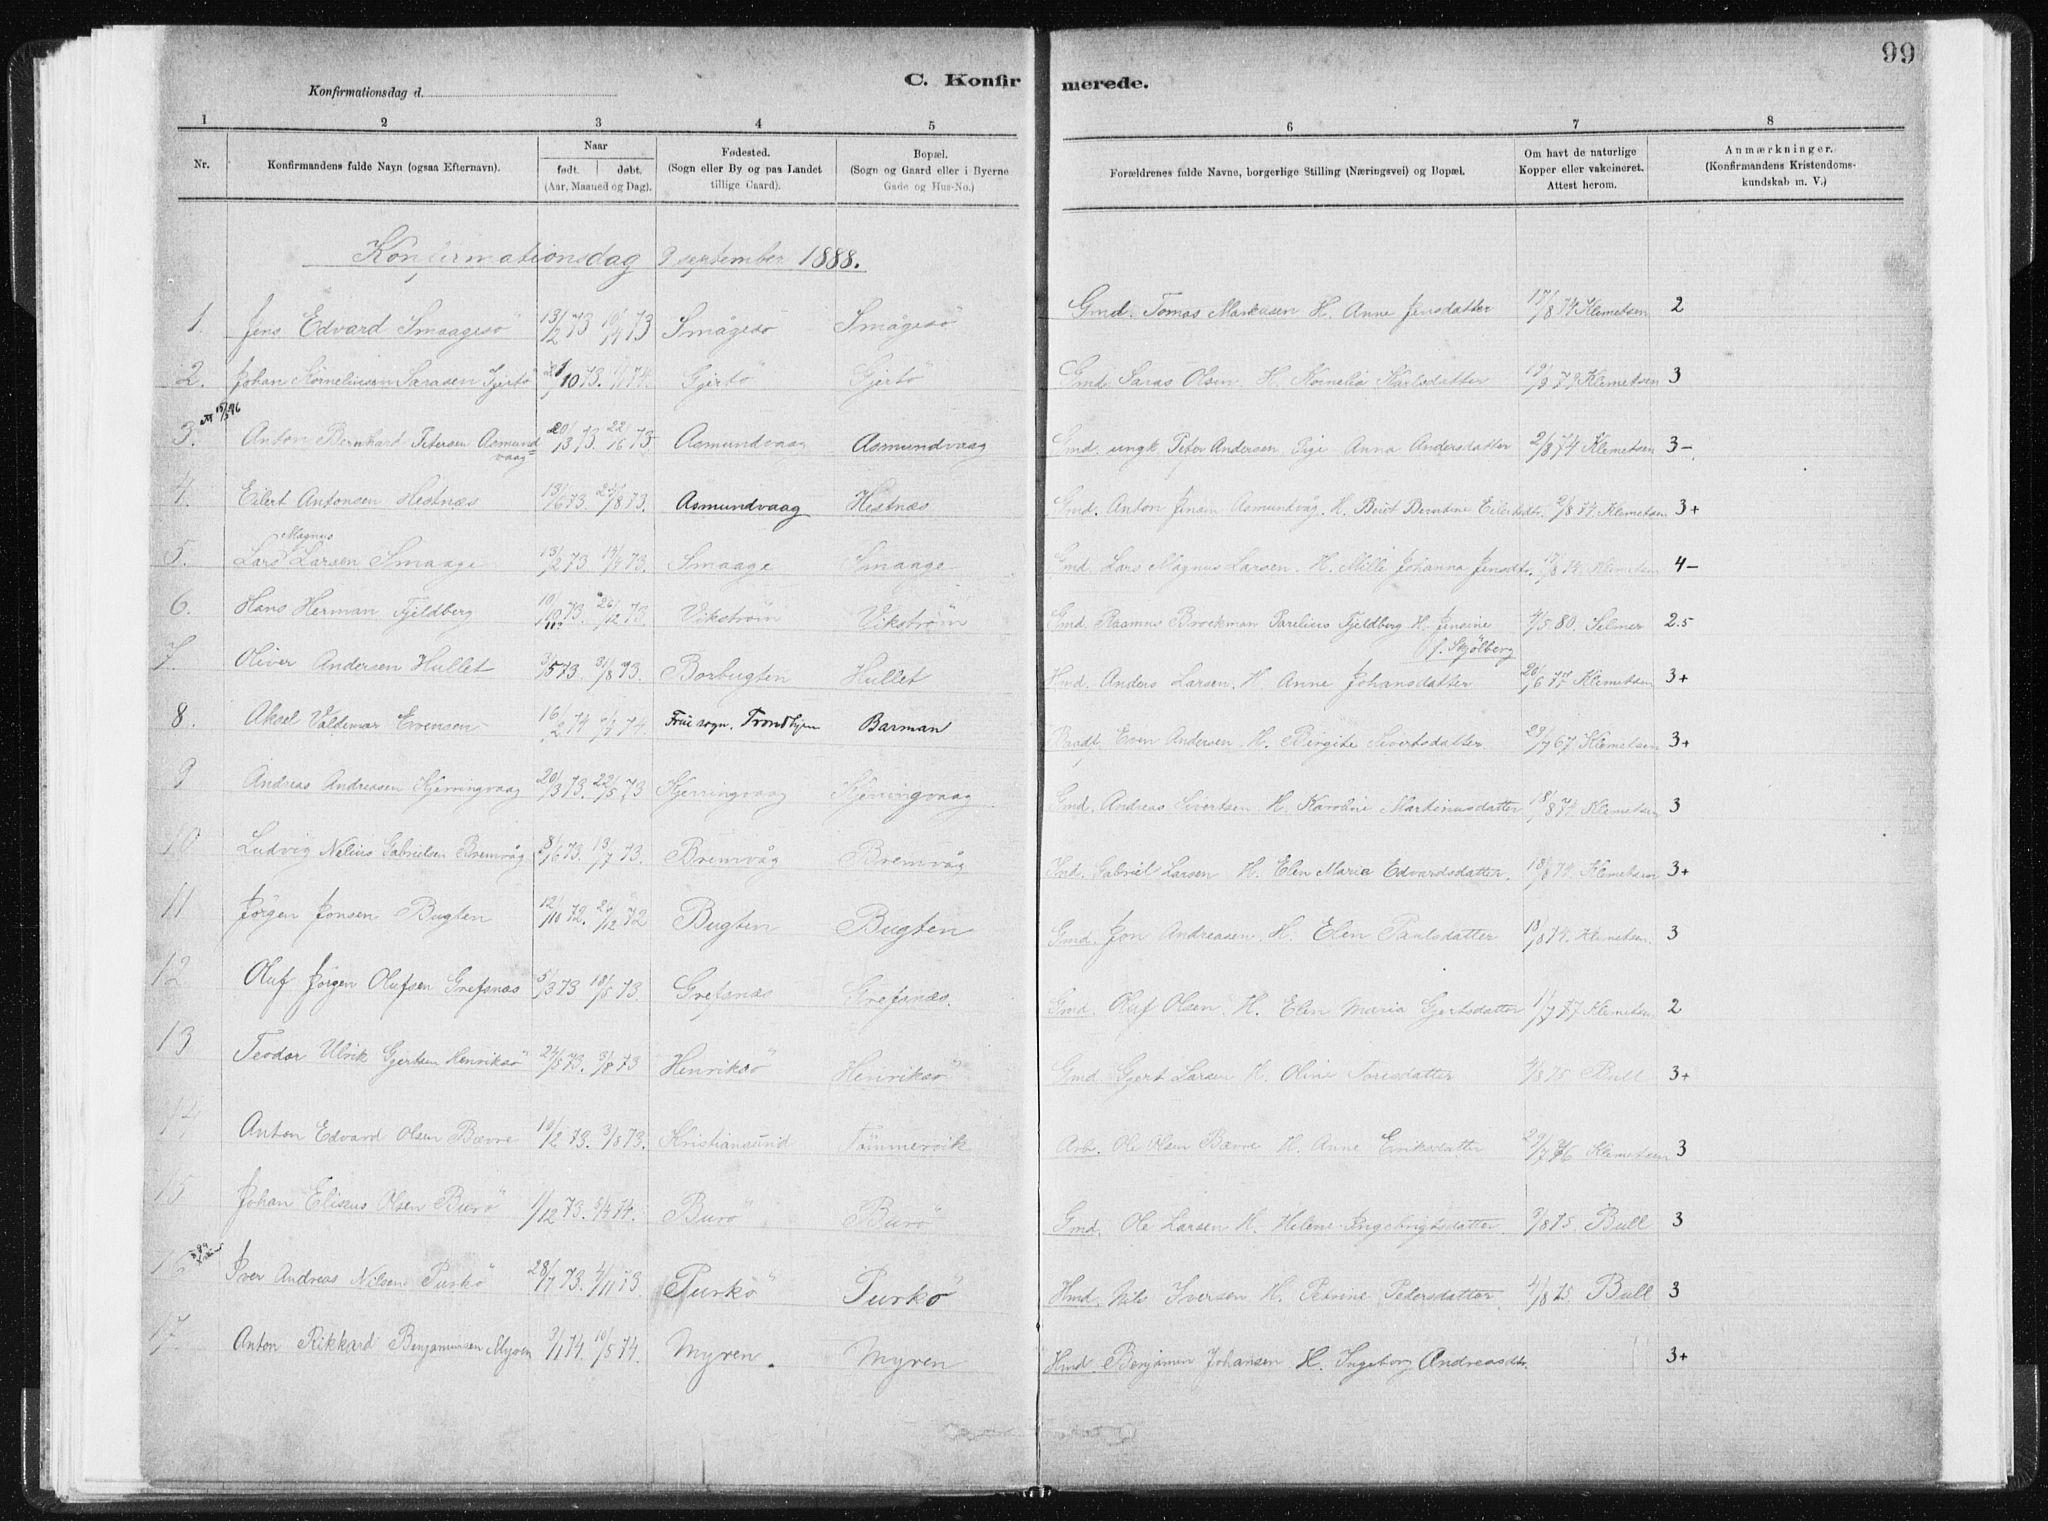 SAT, Ministerialprotokoller, klokkerbøker og fødselsregistre - Sør-Trøndelag, 634/L0533: Ministerialbok nr. 634A09, 1882-1901, s. 99